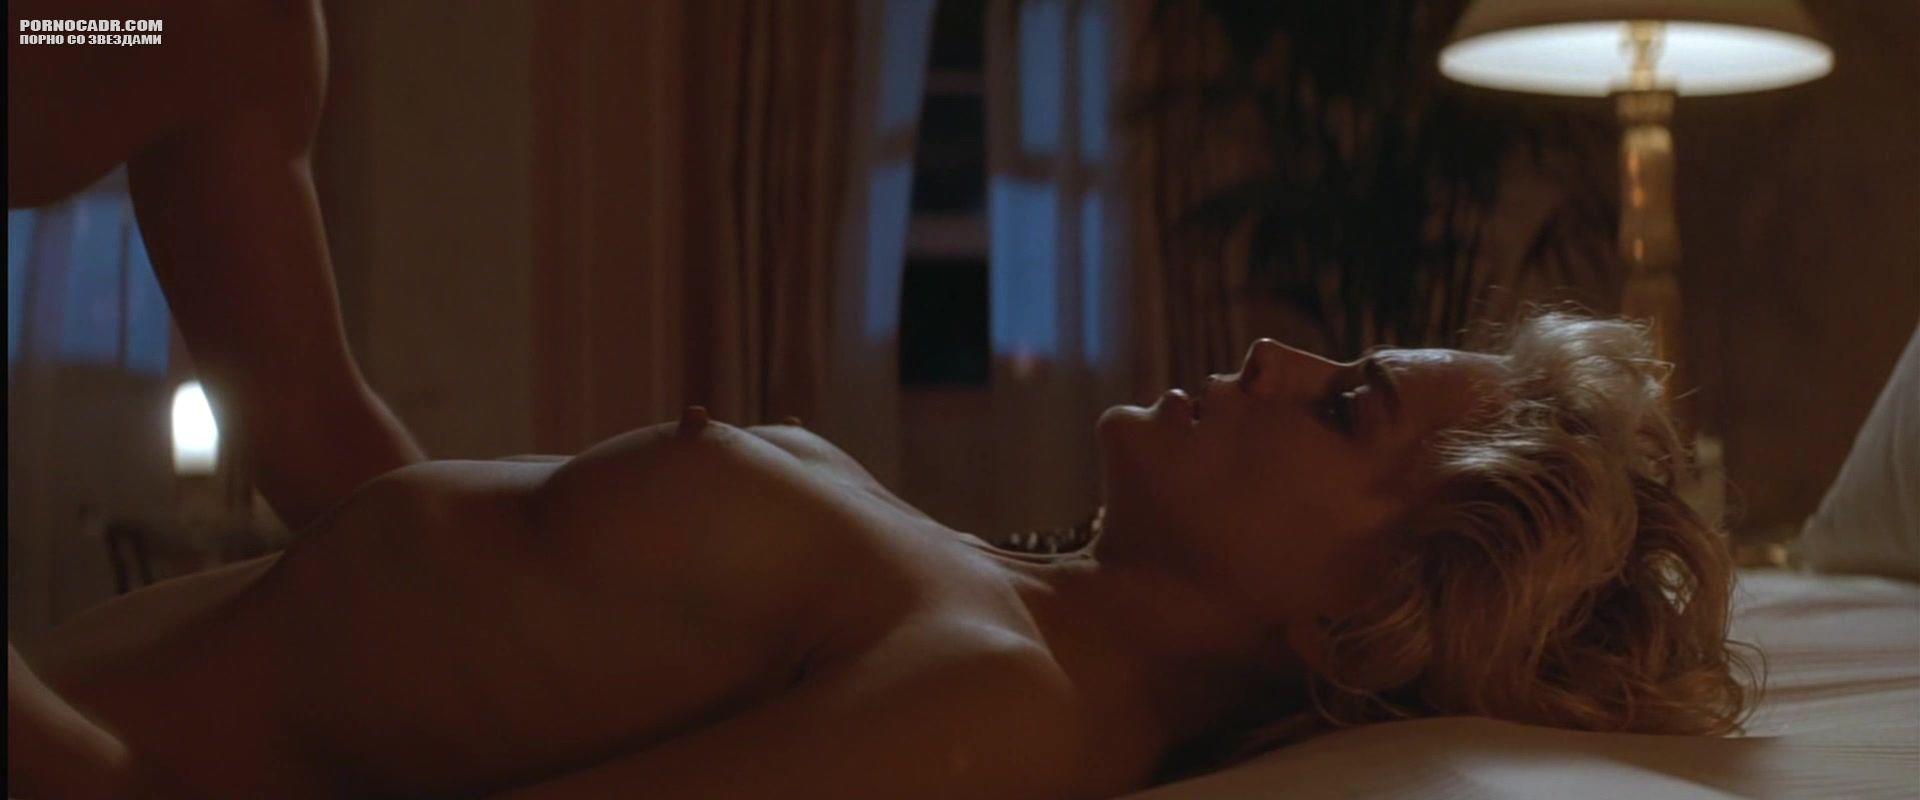 Сцен кино видео эротических нарезка в